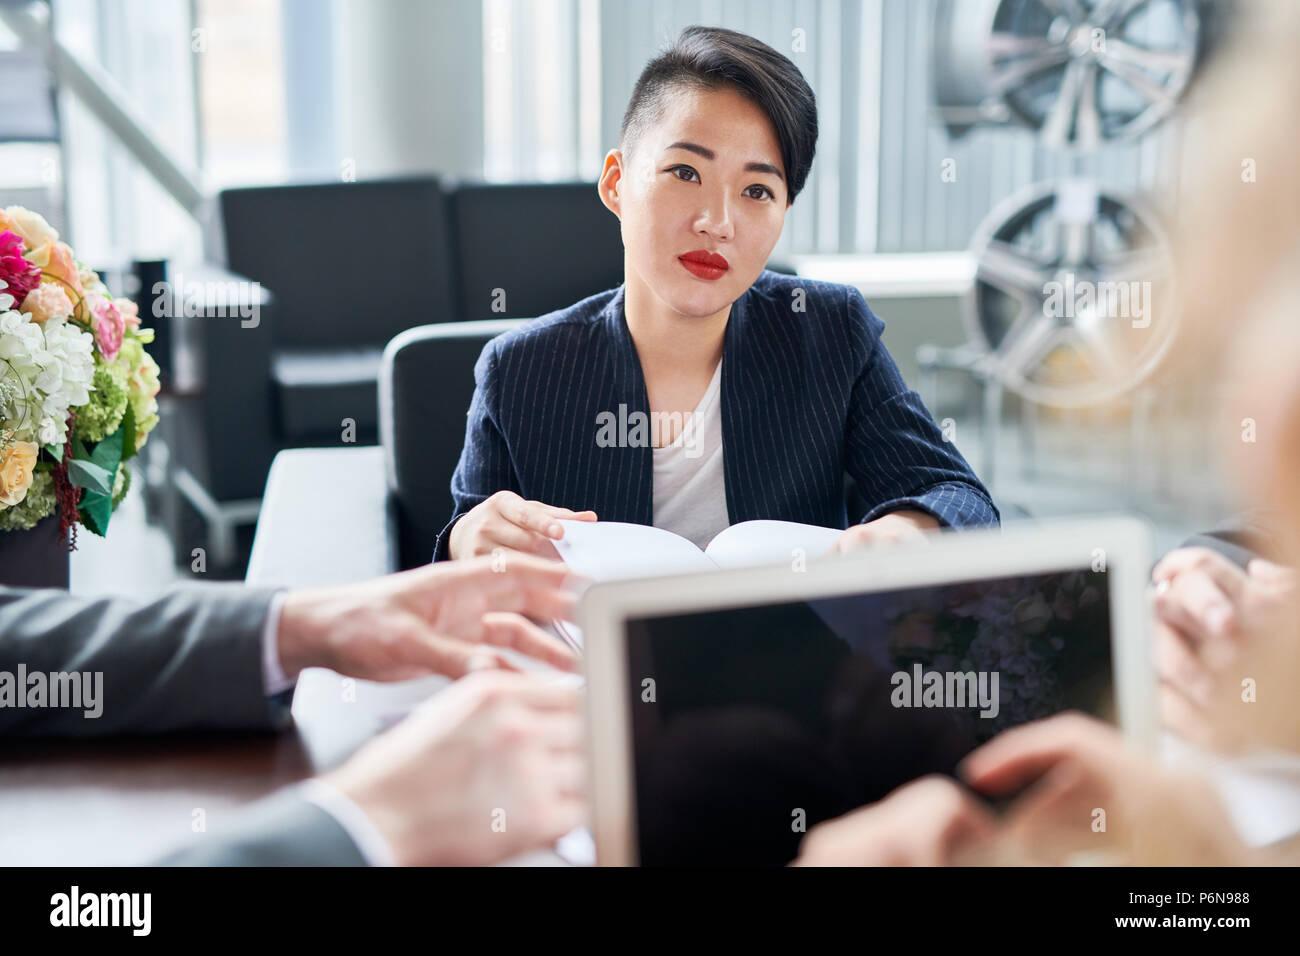 Woman at meeting - Stock Image